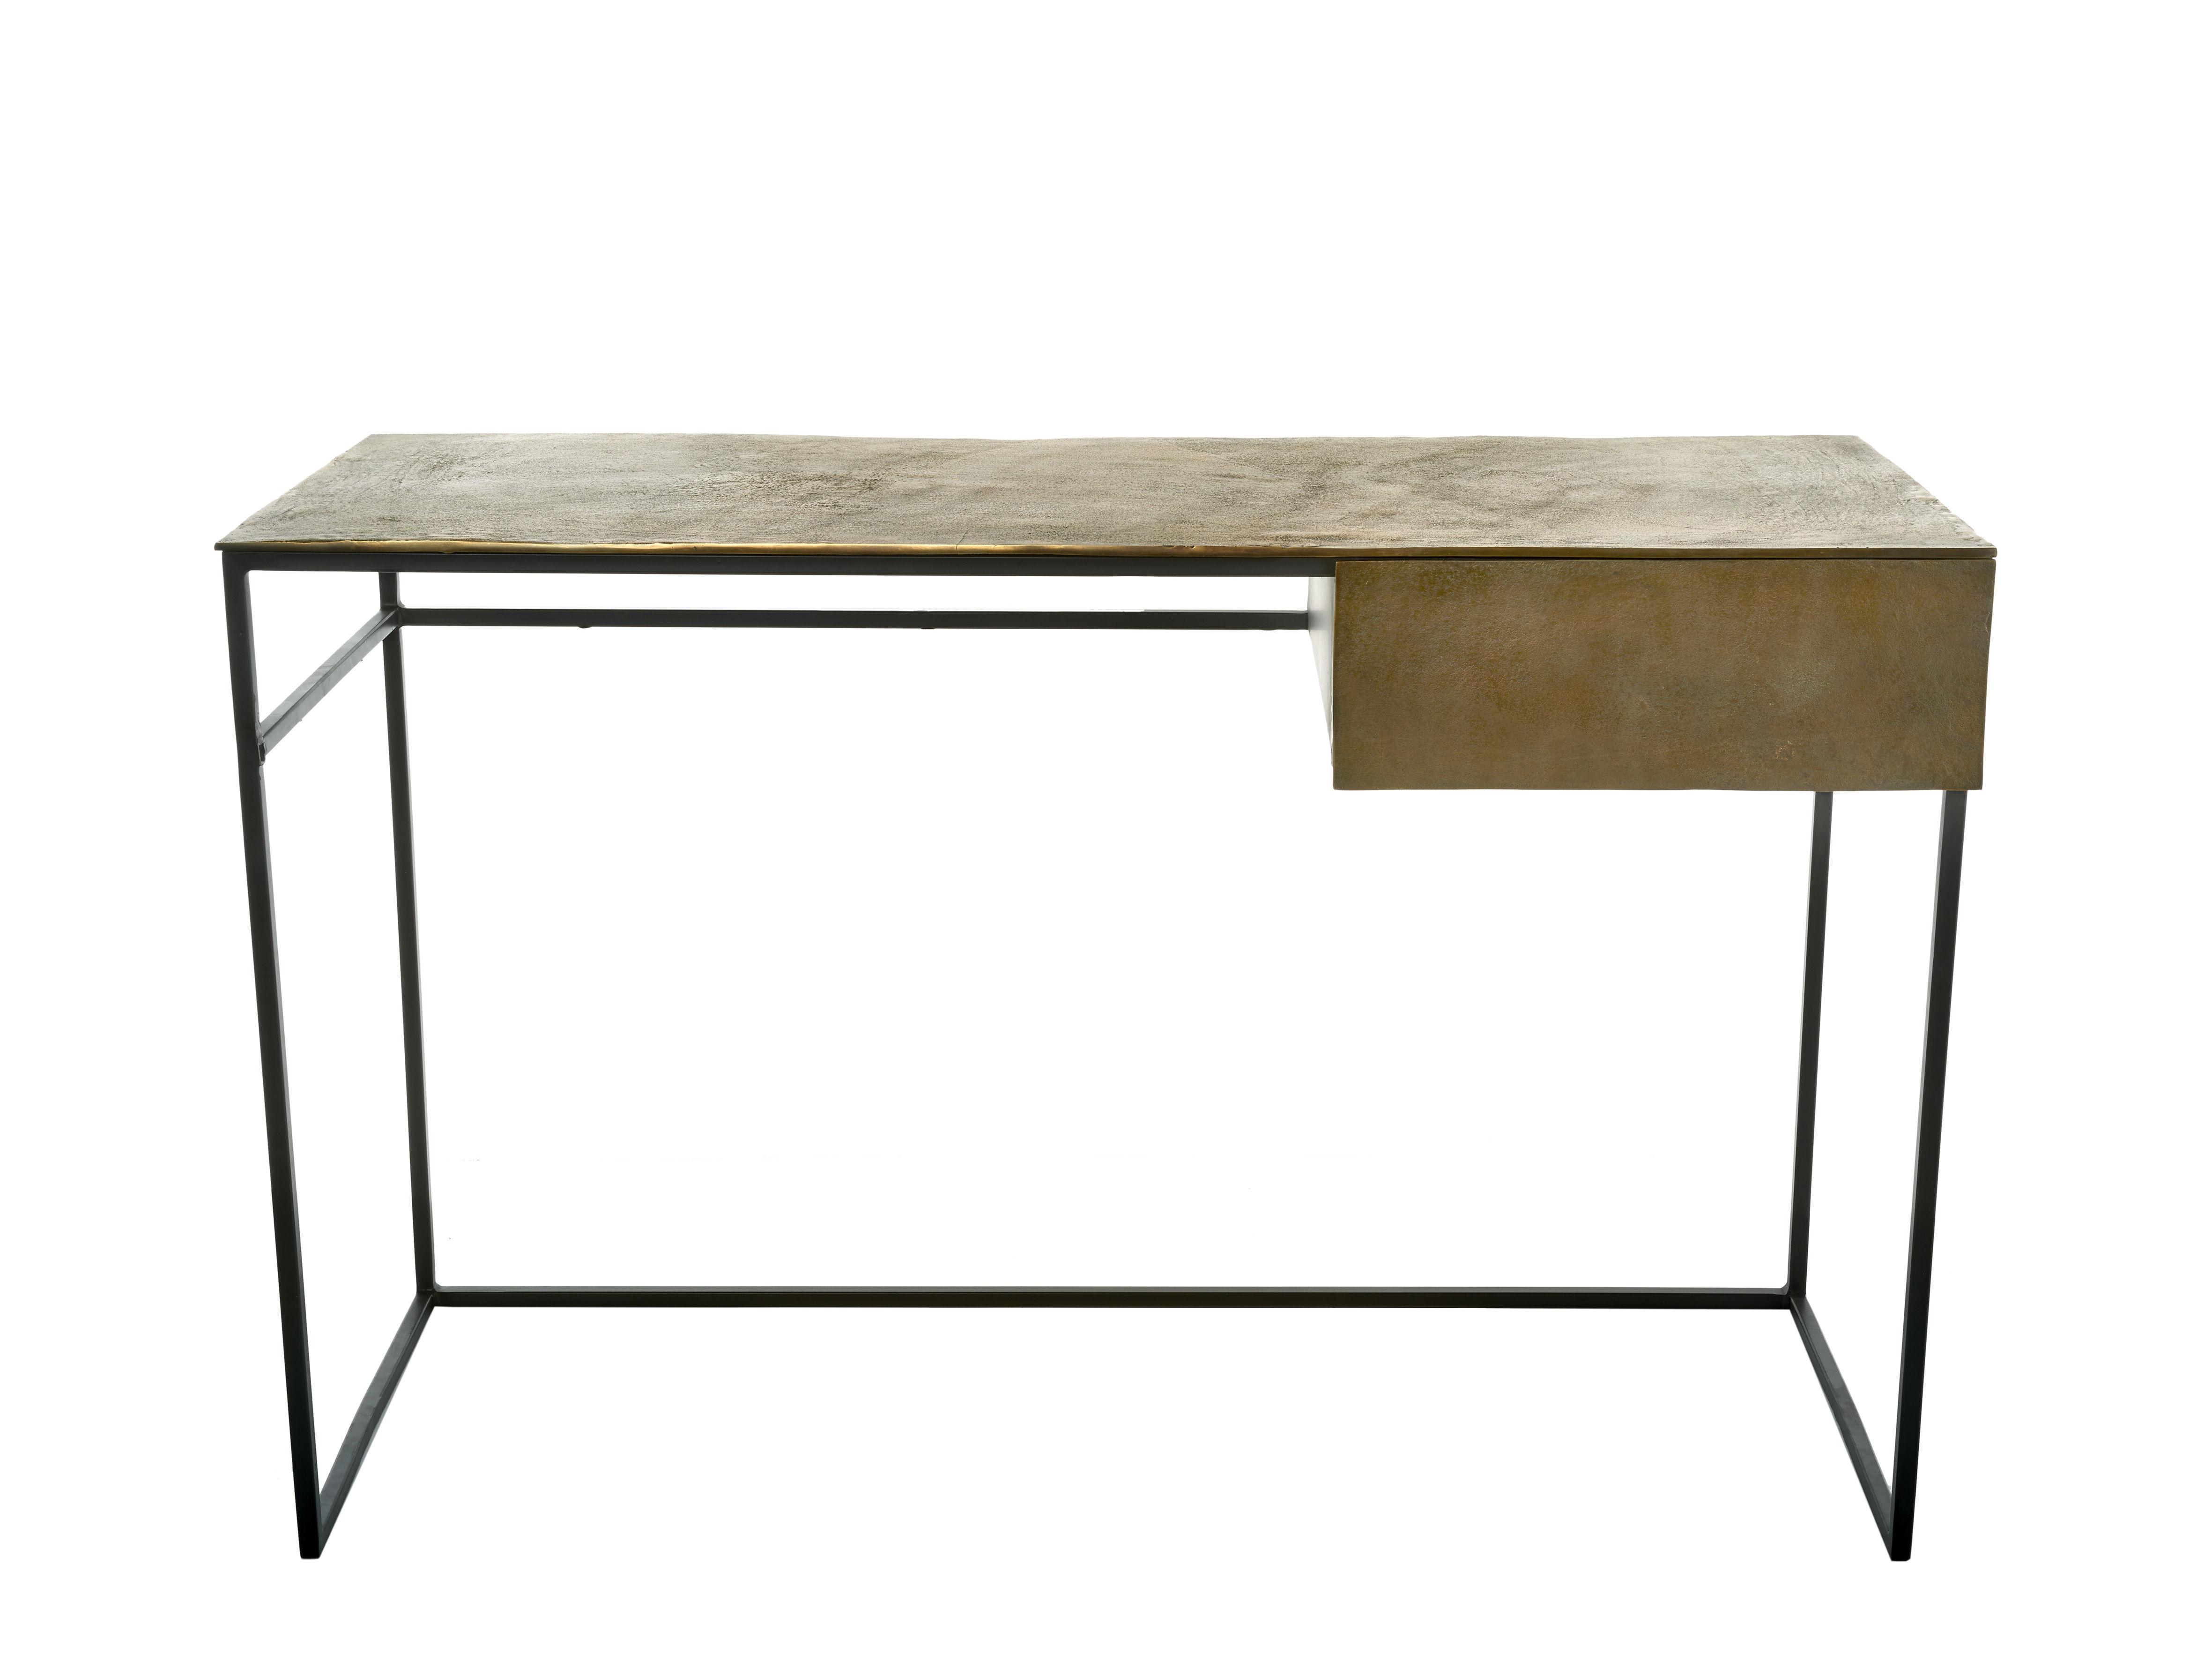 Arredamento - Mobili da ufficio - Scrivania Antique shine - / Consolle - L 120 cm di Pols Potten - Laiton vieilli / Piètement noir - Ferro epossidico, Metallo con finitura in ottone anticato